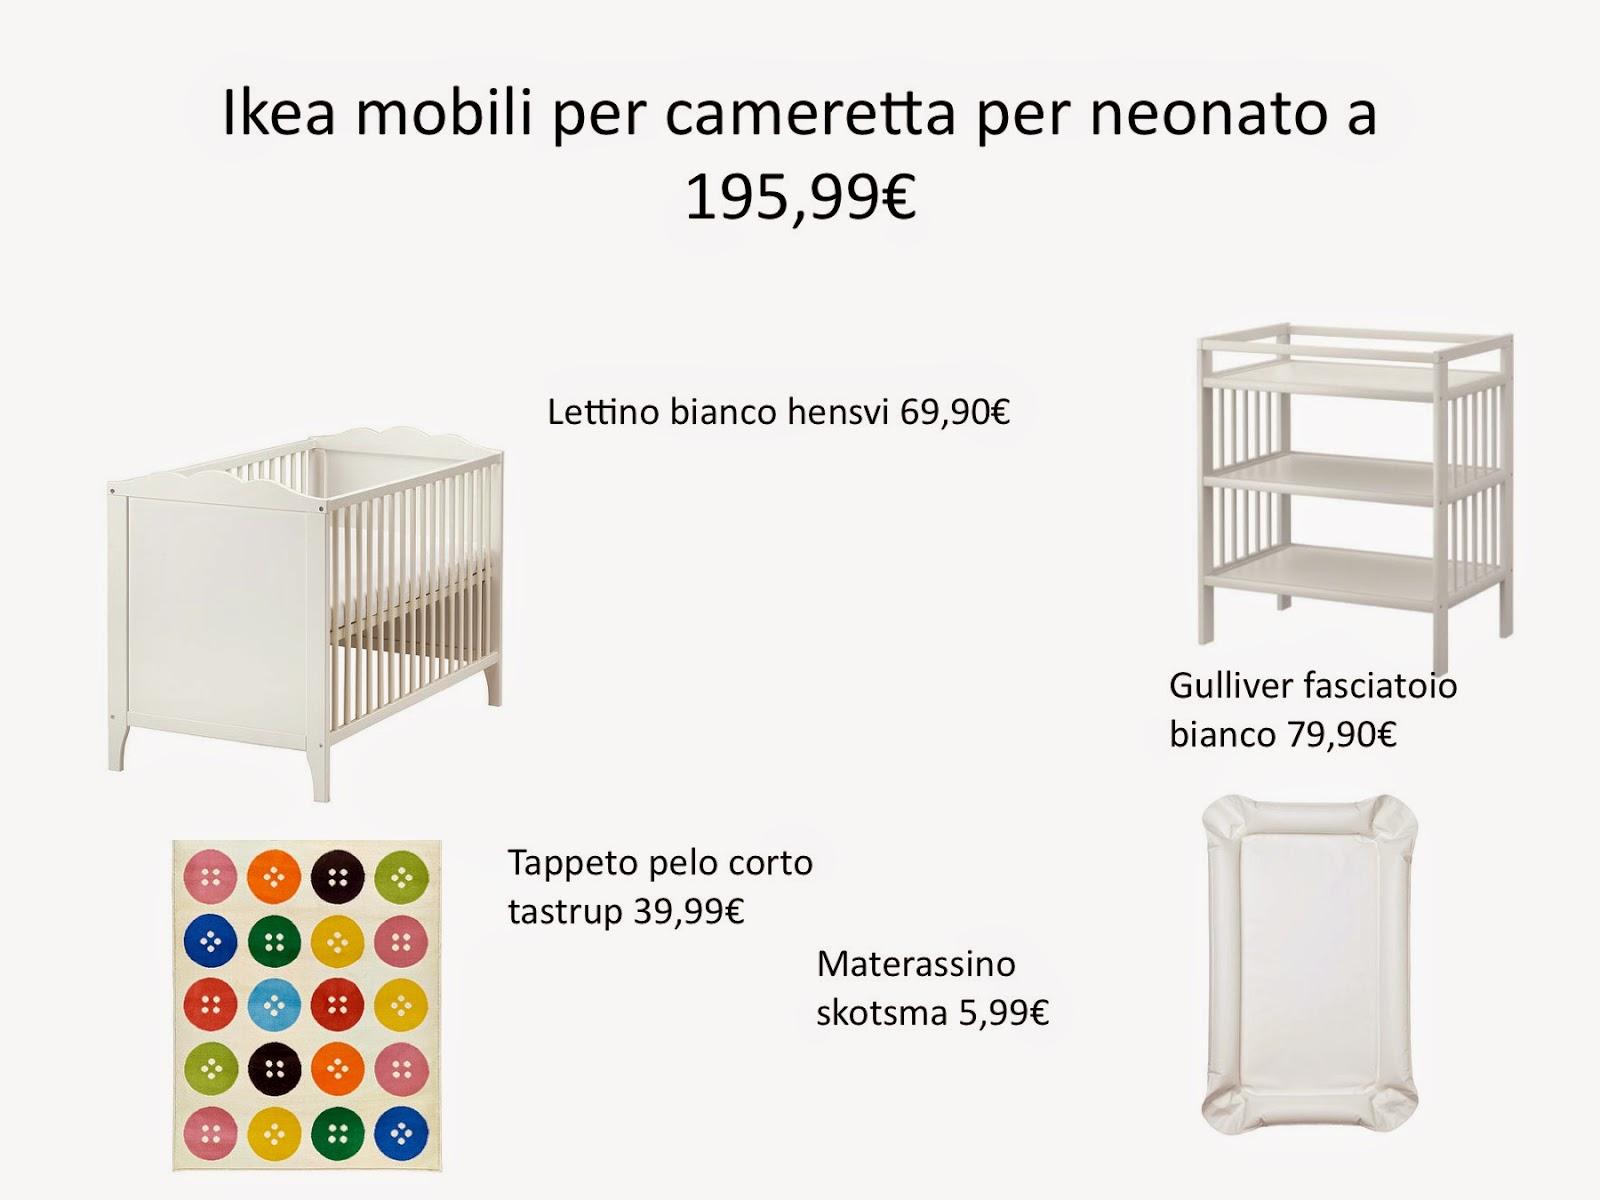 100 Metri Quadri Di Mondo Da Ikea Cameretta Per Neonato